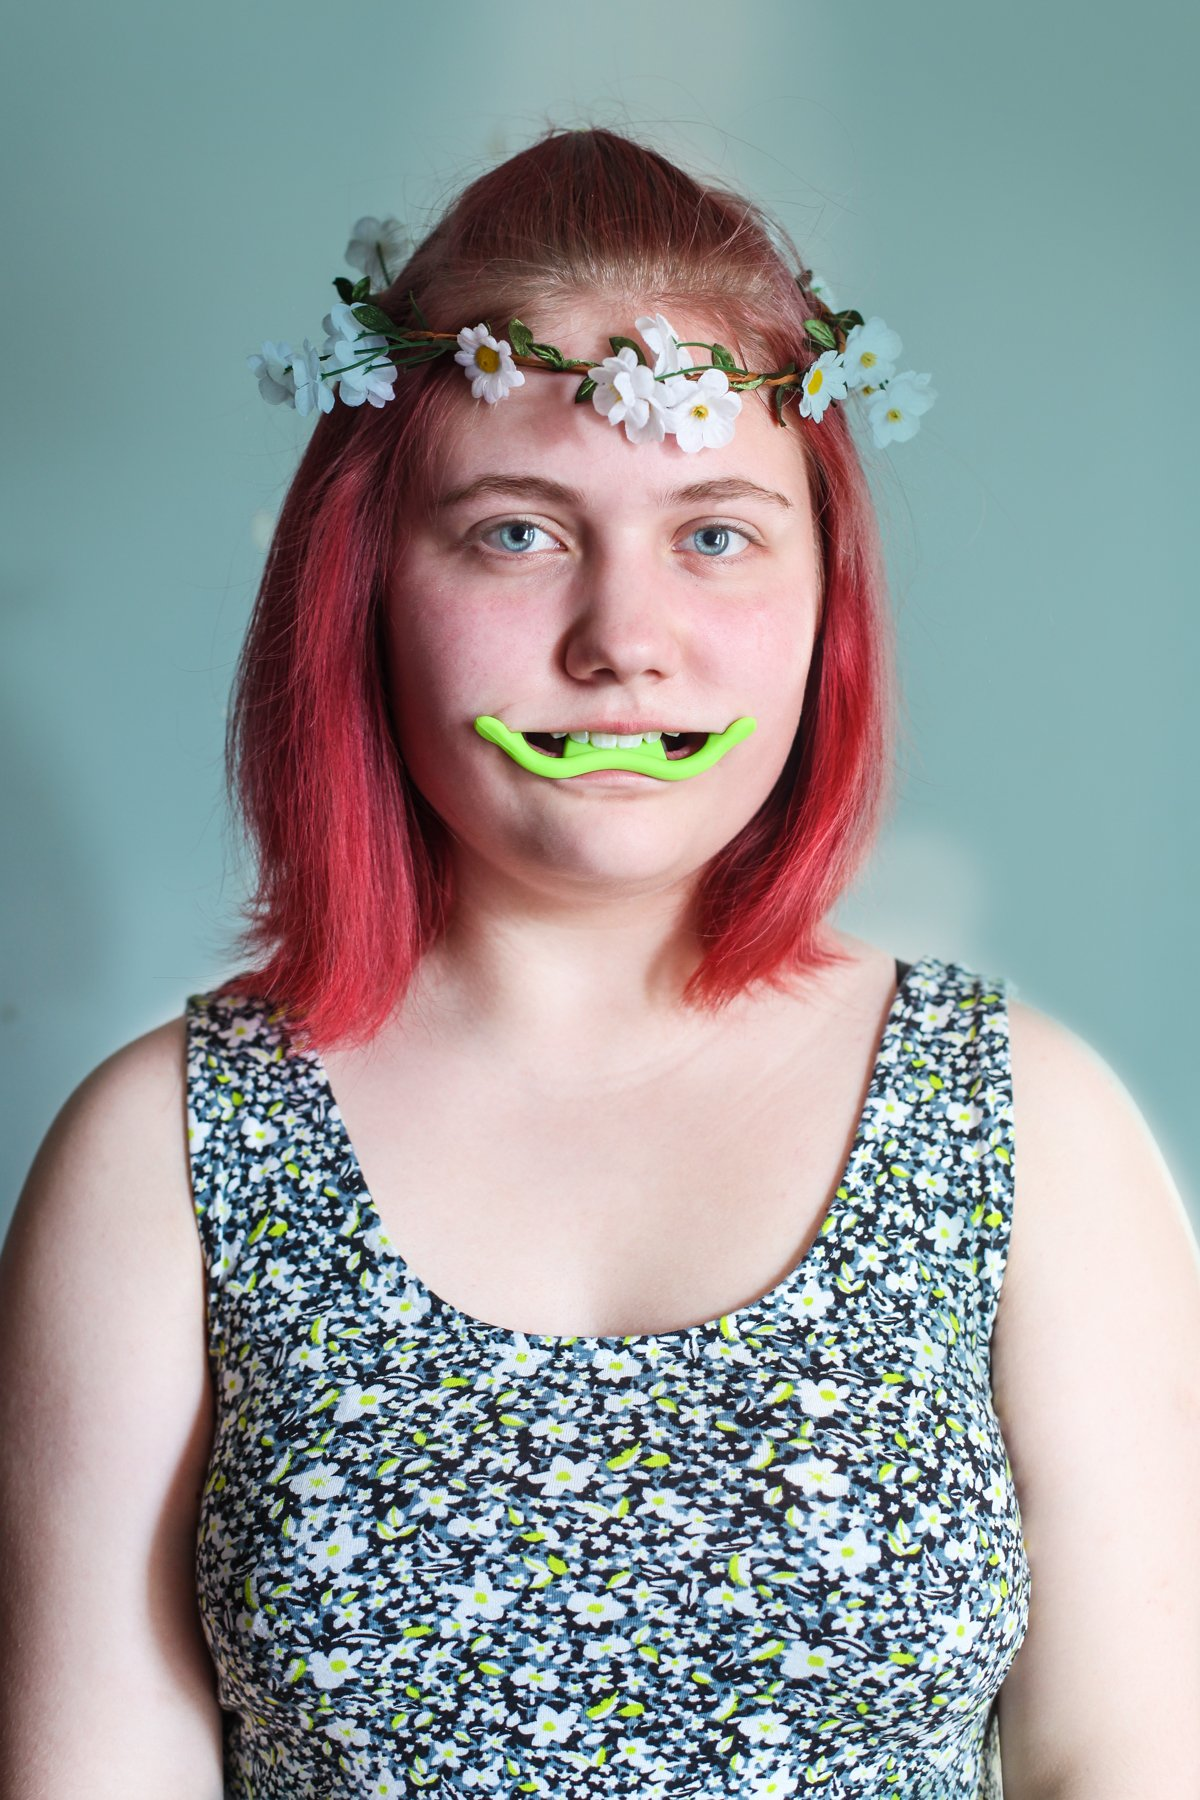 """14 fotos perturbadoras mostram as coisas bizarras que uma mulher usa para ficar """"linda"""" 11"""